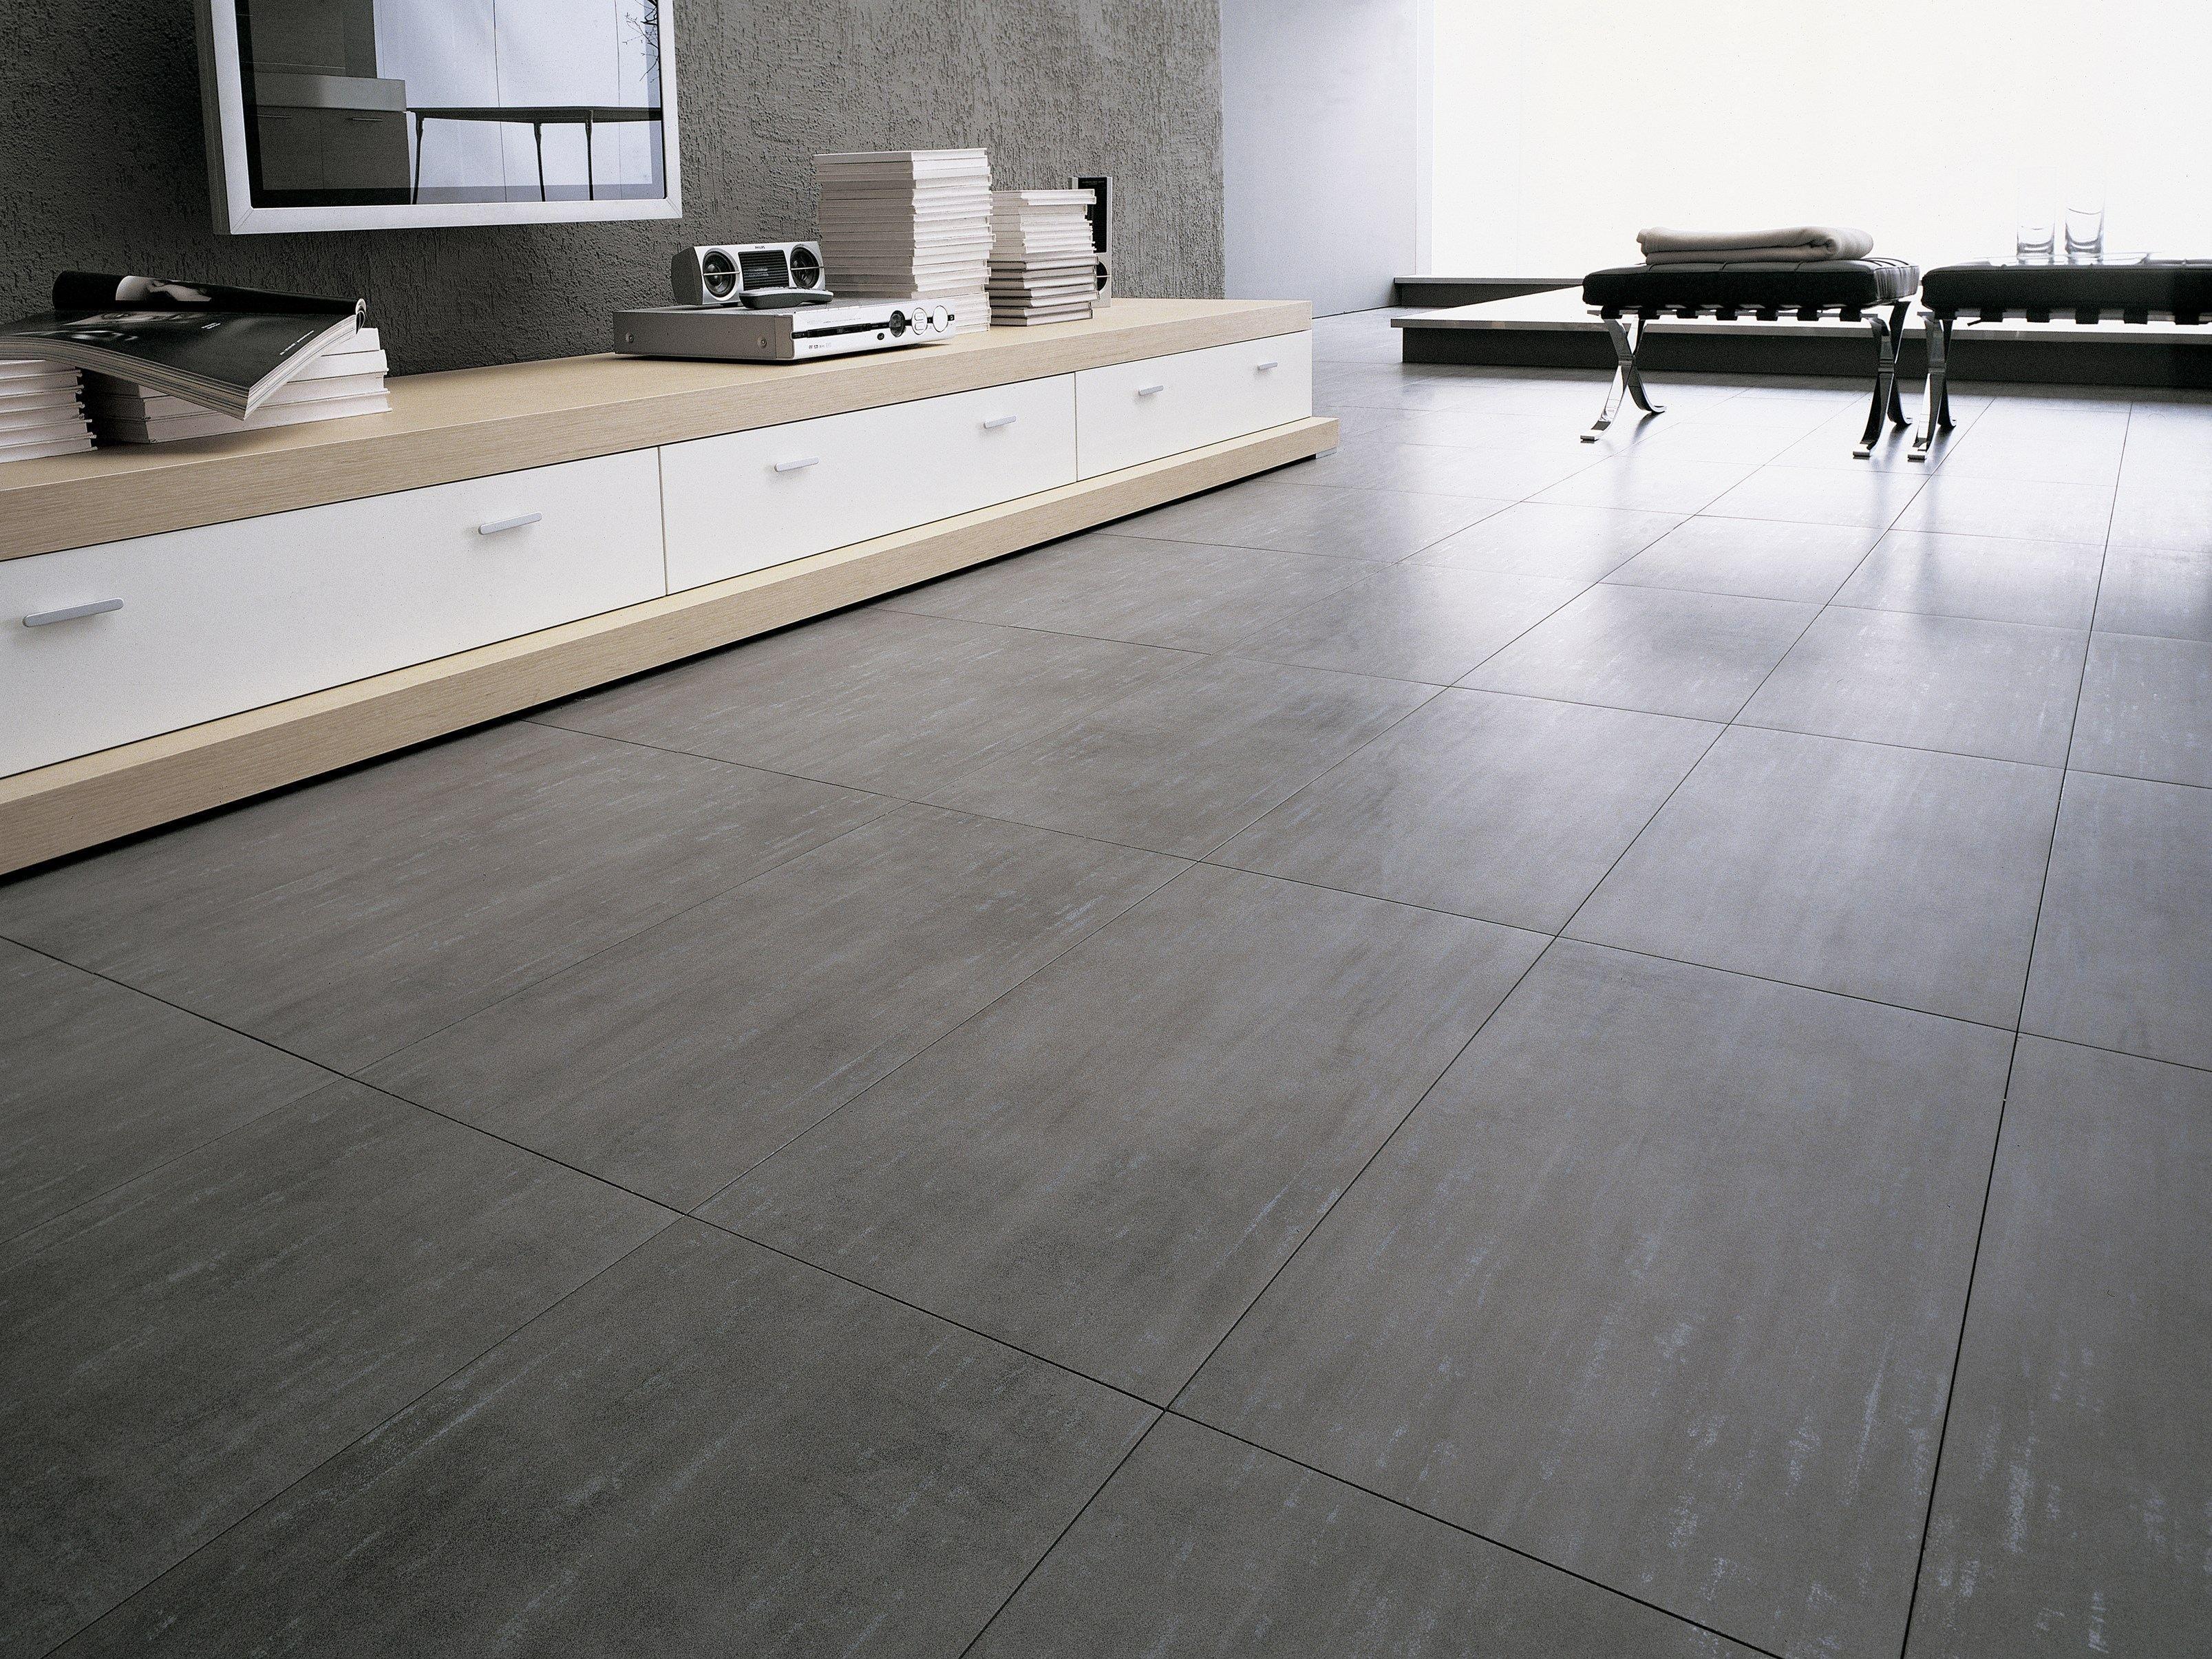 Pavimento rivestimento in gres porcellanato effetto metallo artech by ceramiche refin - Piastrelle in gres porcellanato per interni ...